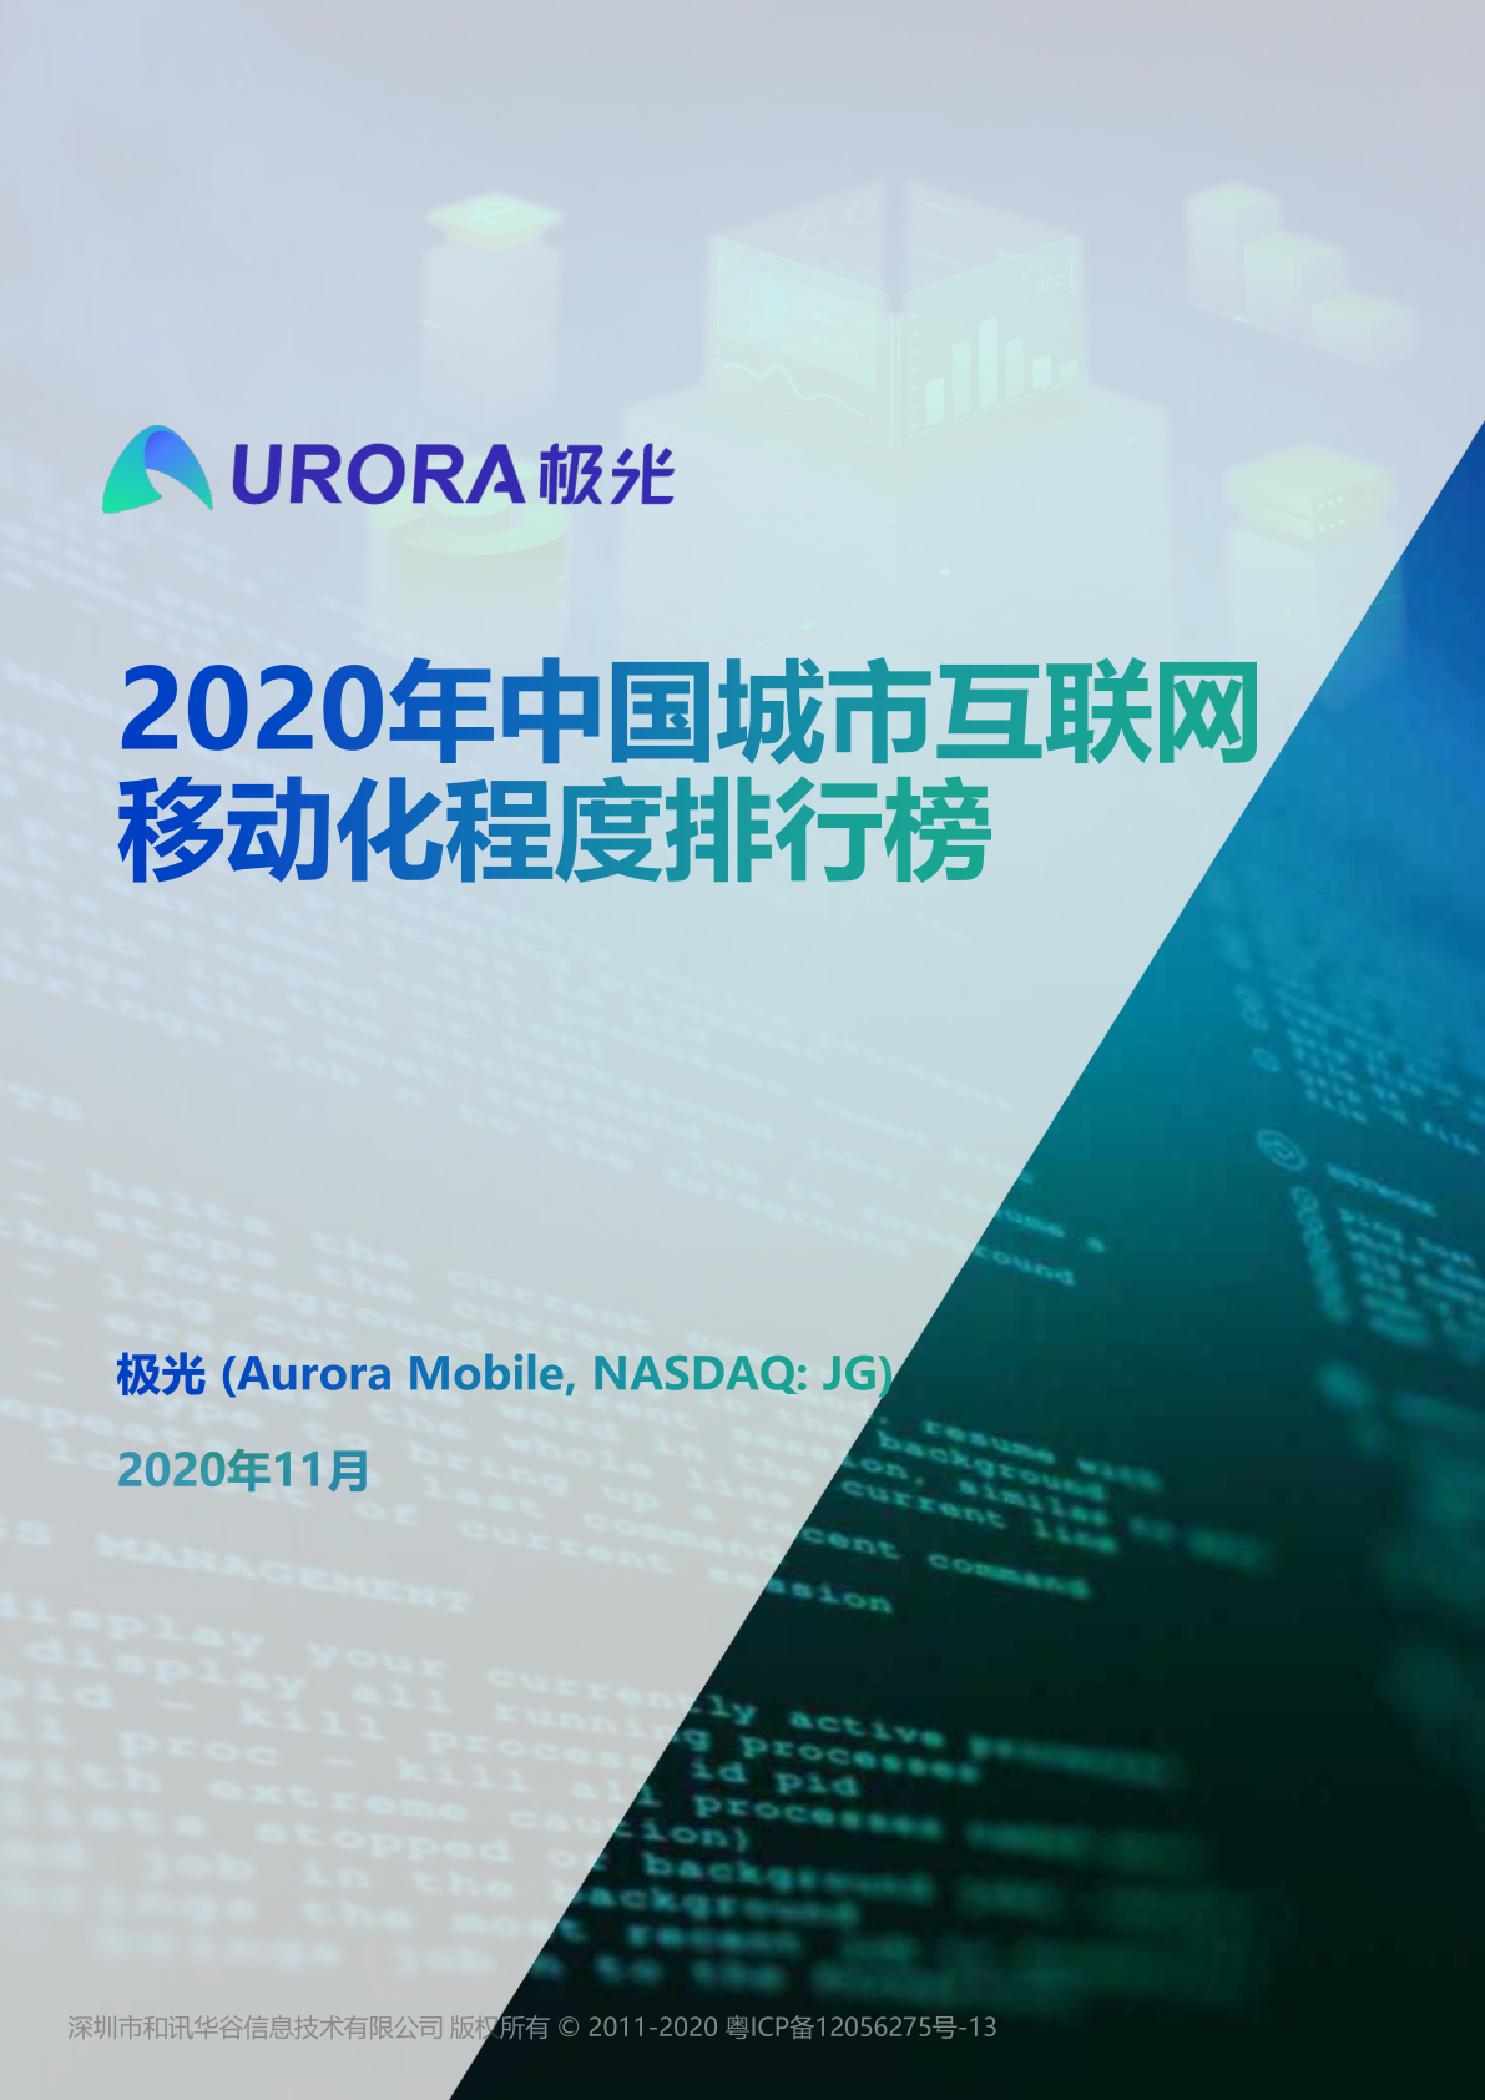 2020年中国城市互联网移动化程度排行榜